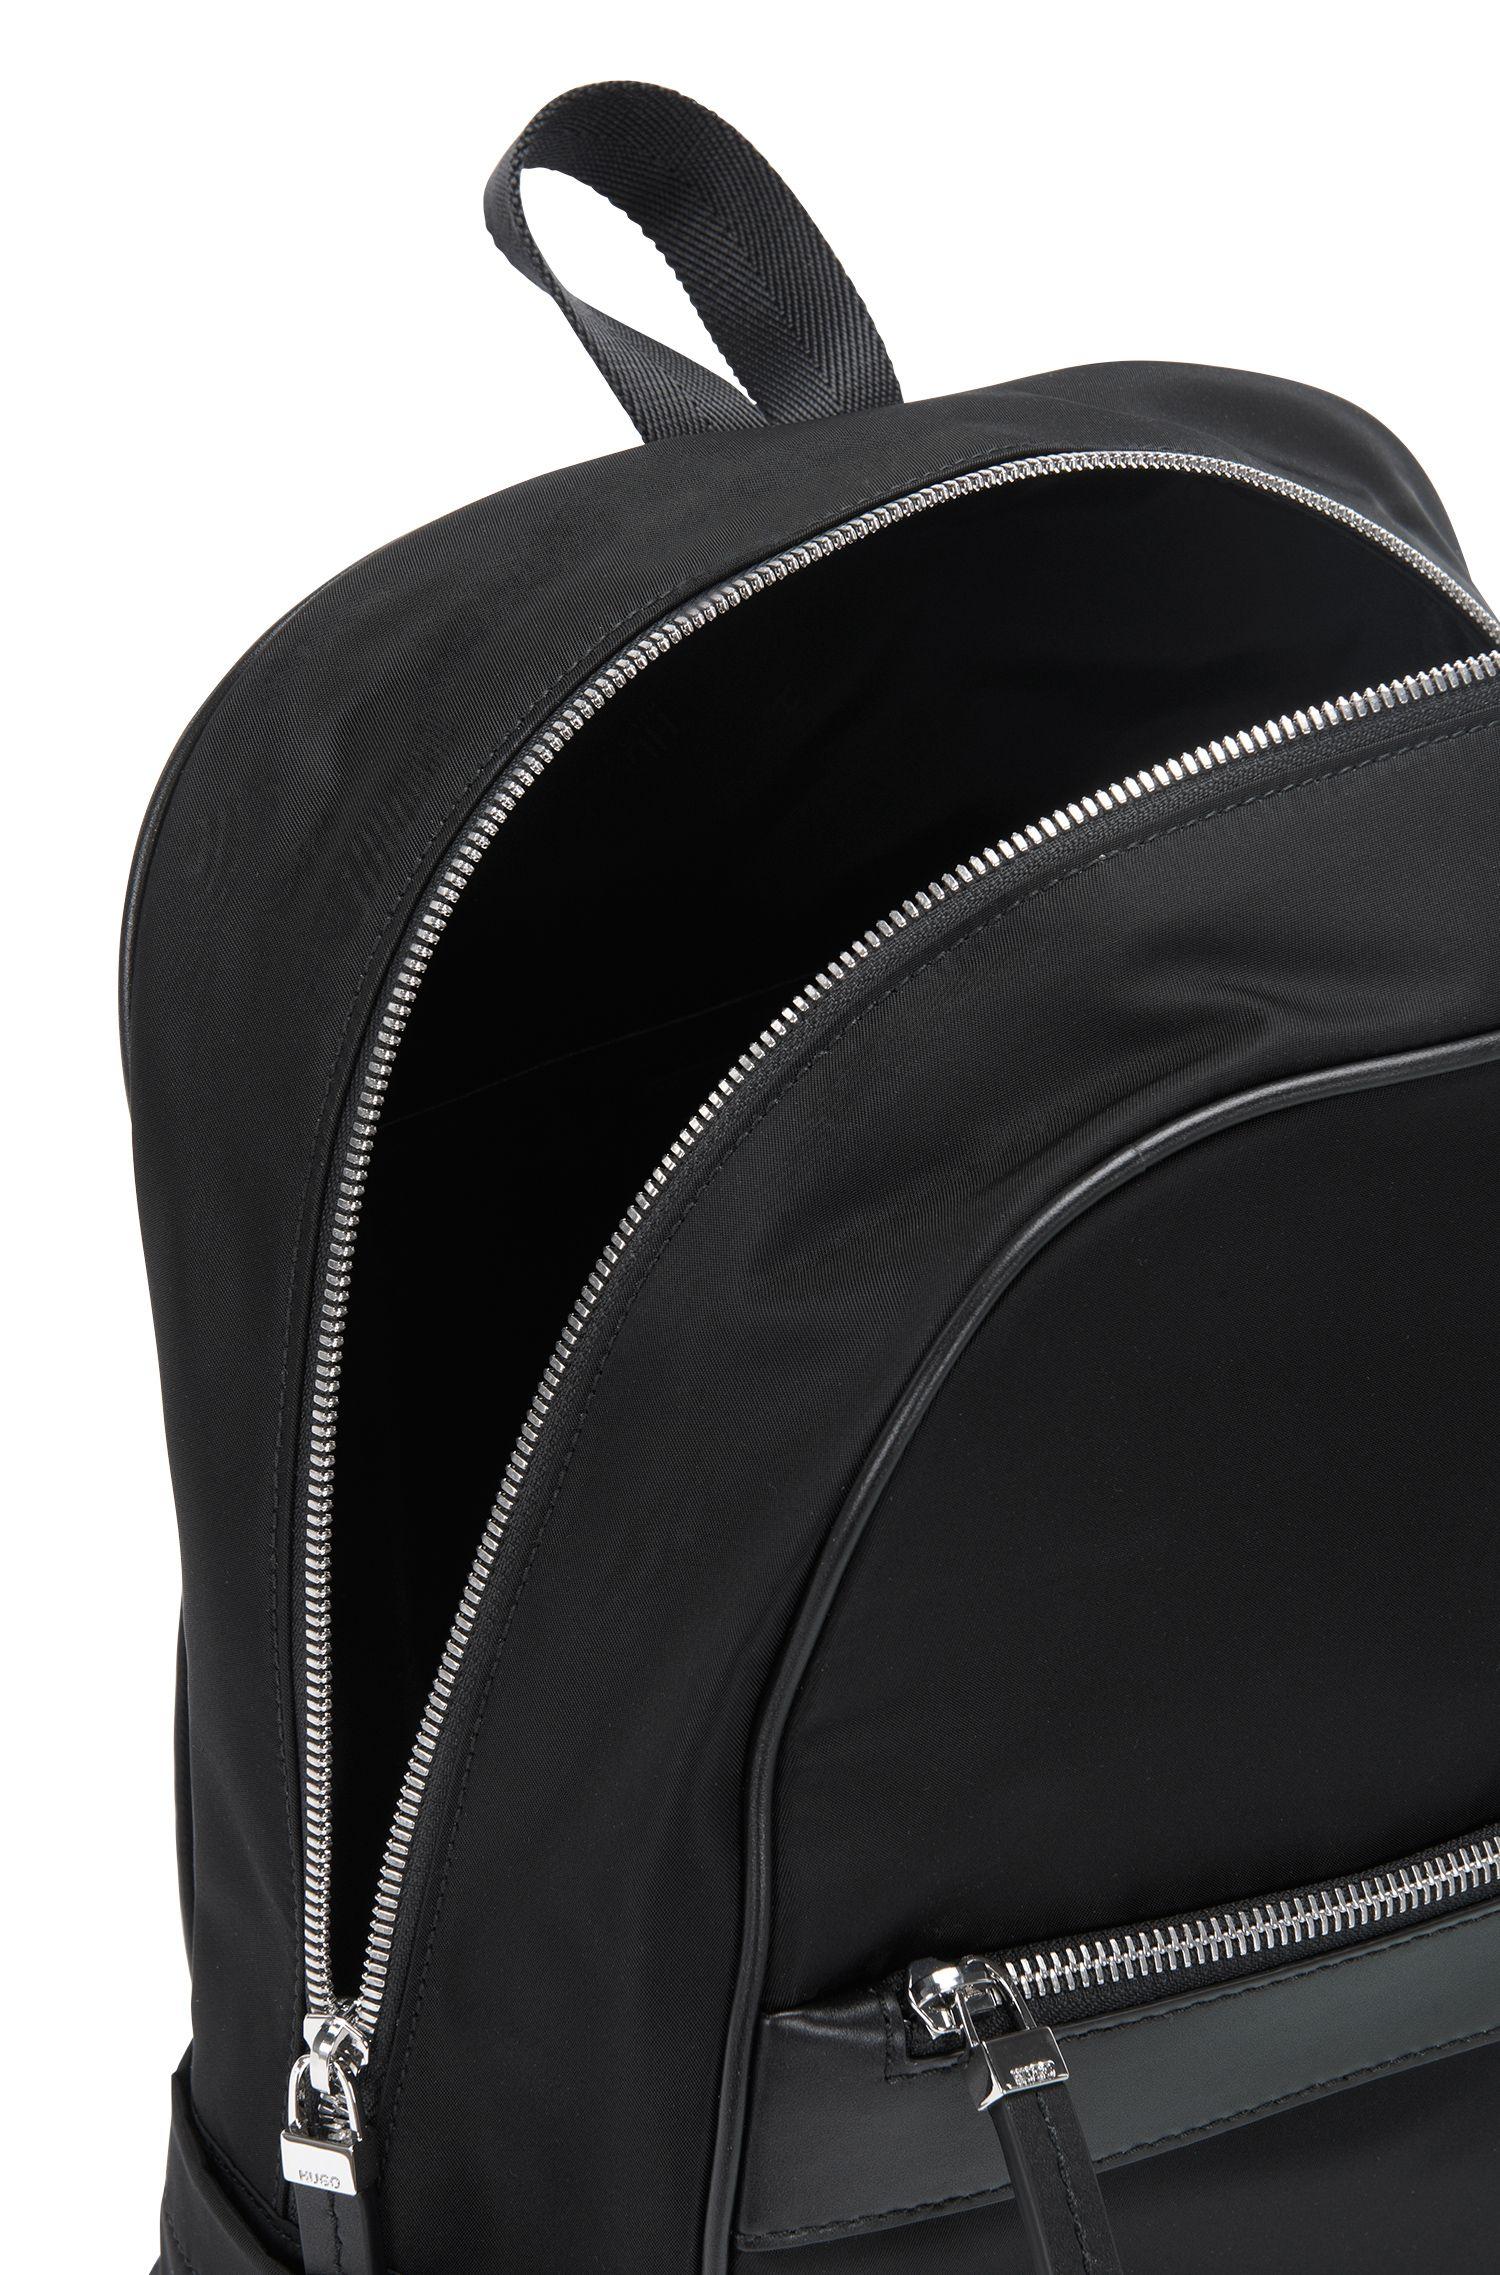 Rugzak met ziparound-ontwerp en leerdetails: 'Digital L_Backp S17'